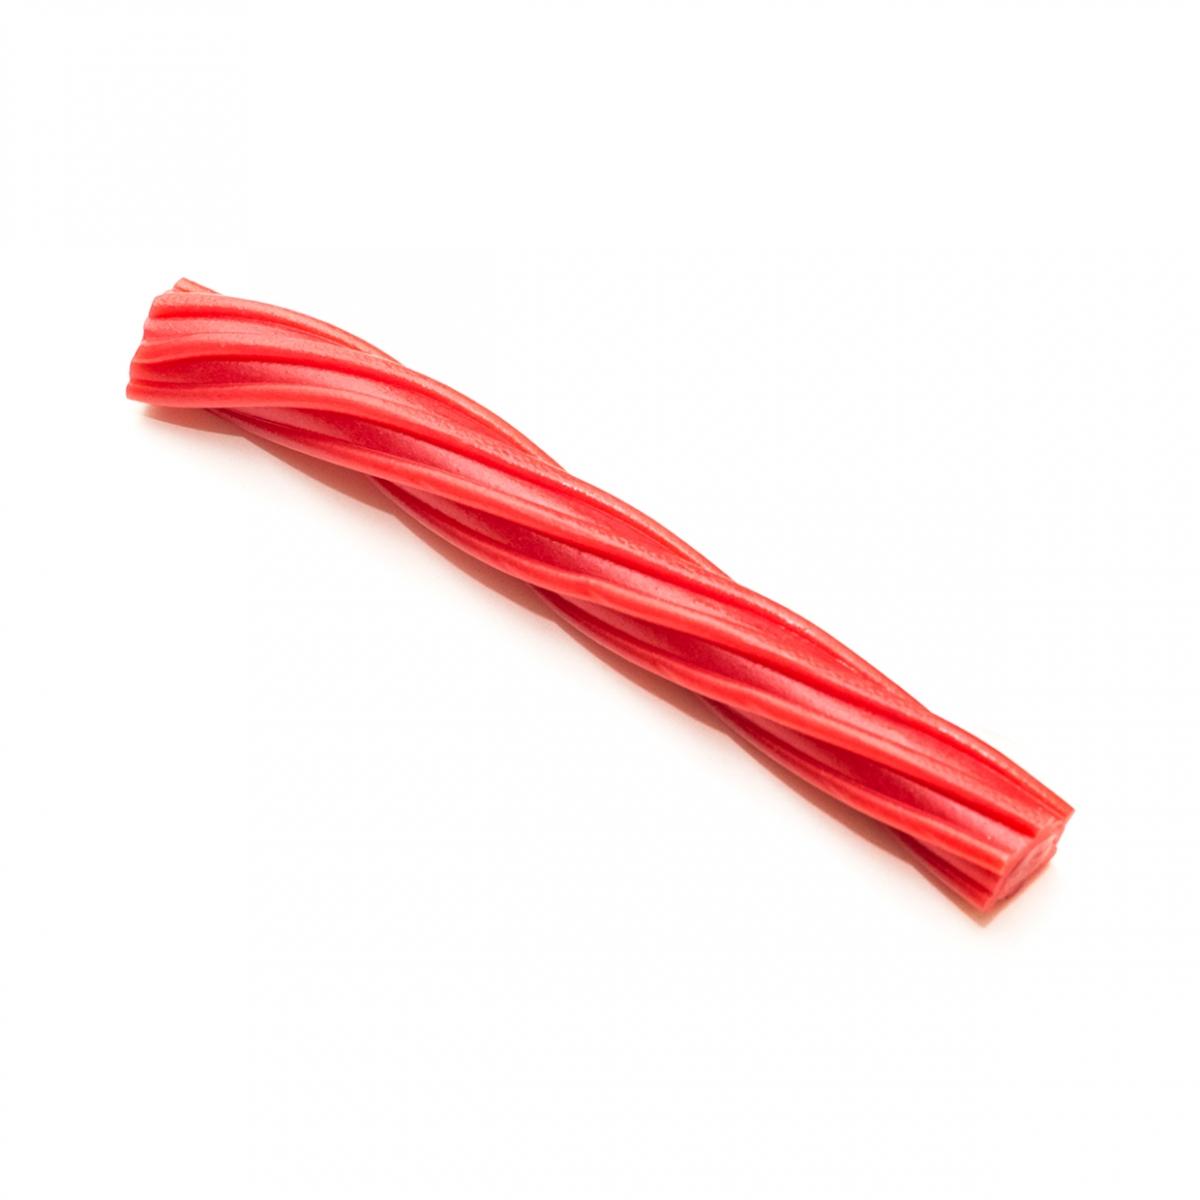 Imagen en la que se ve un regaliz rojo